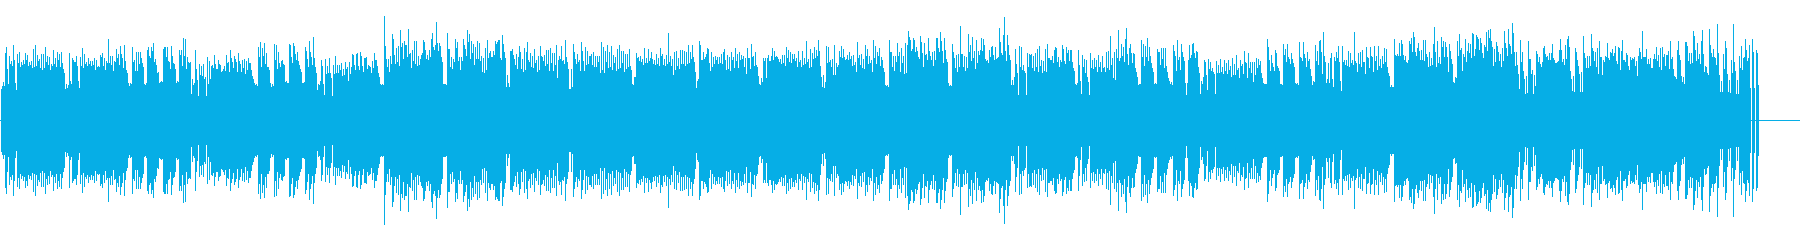 「トルコ行進曲」 8bit verの再生済みの波形